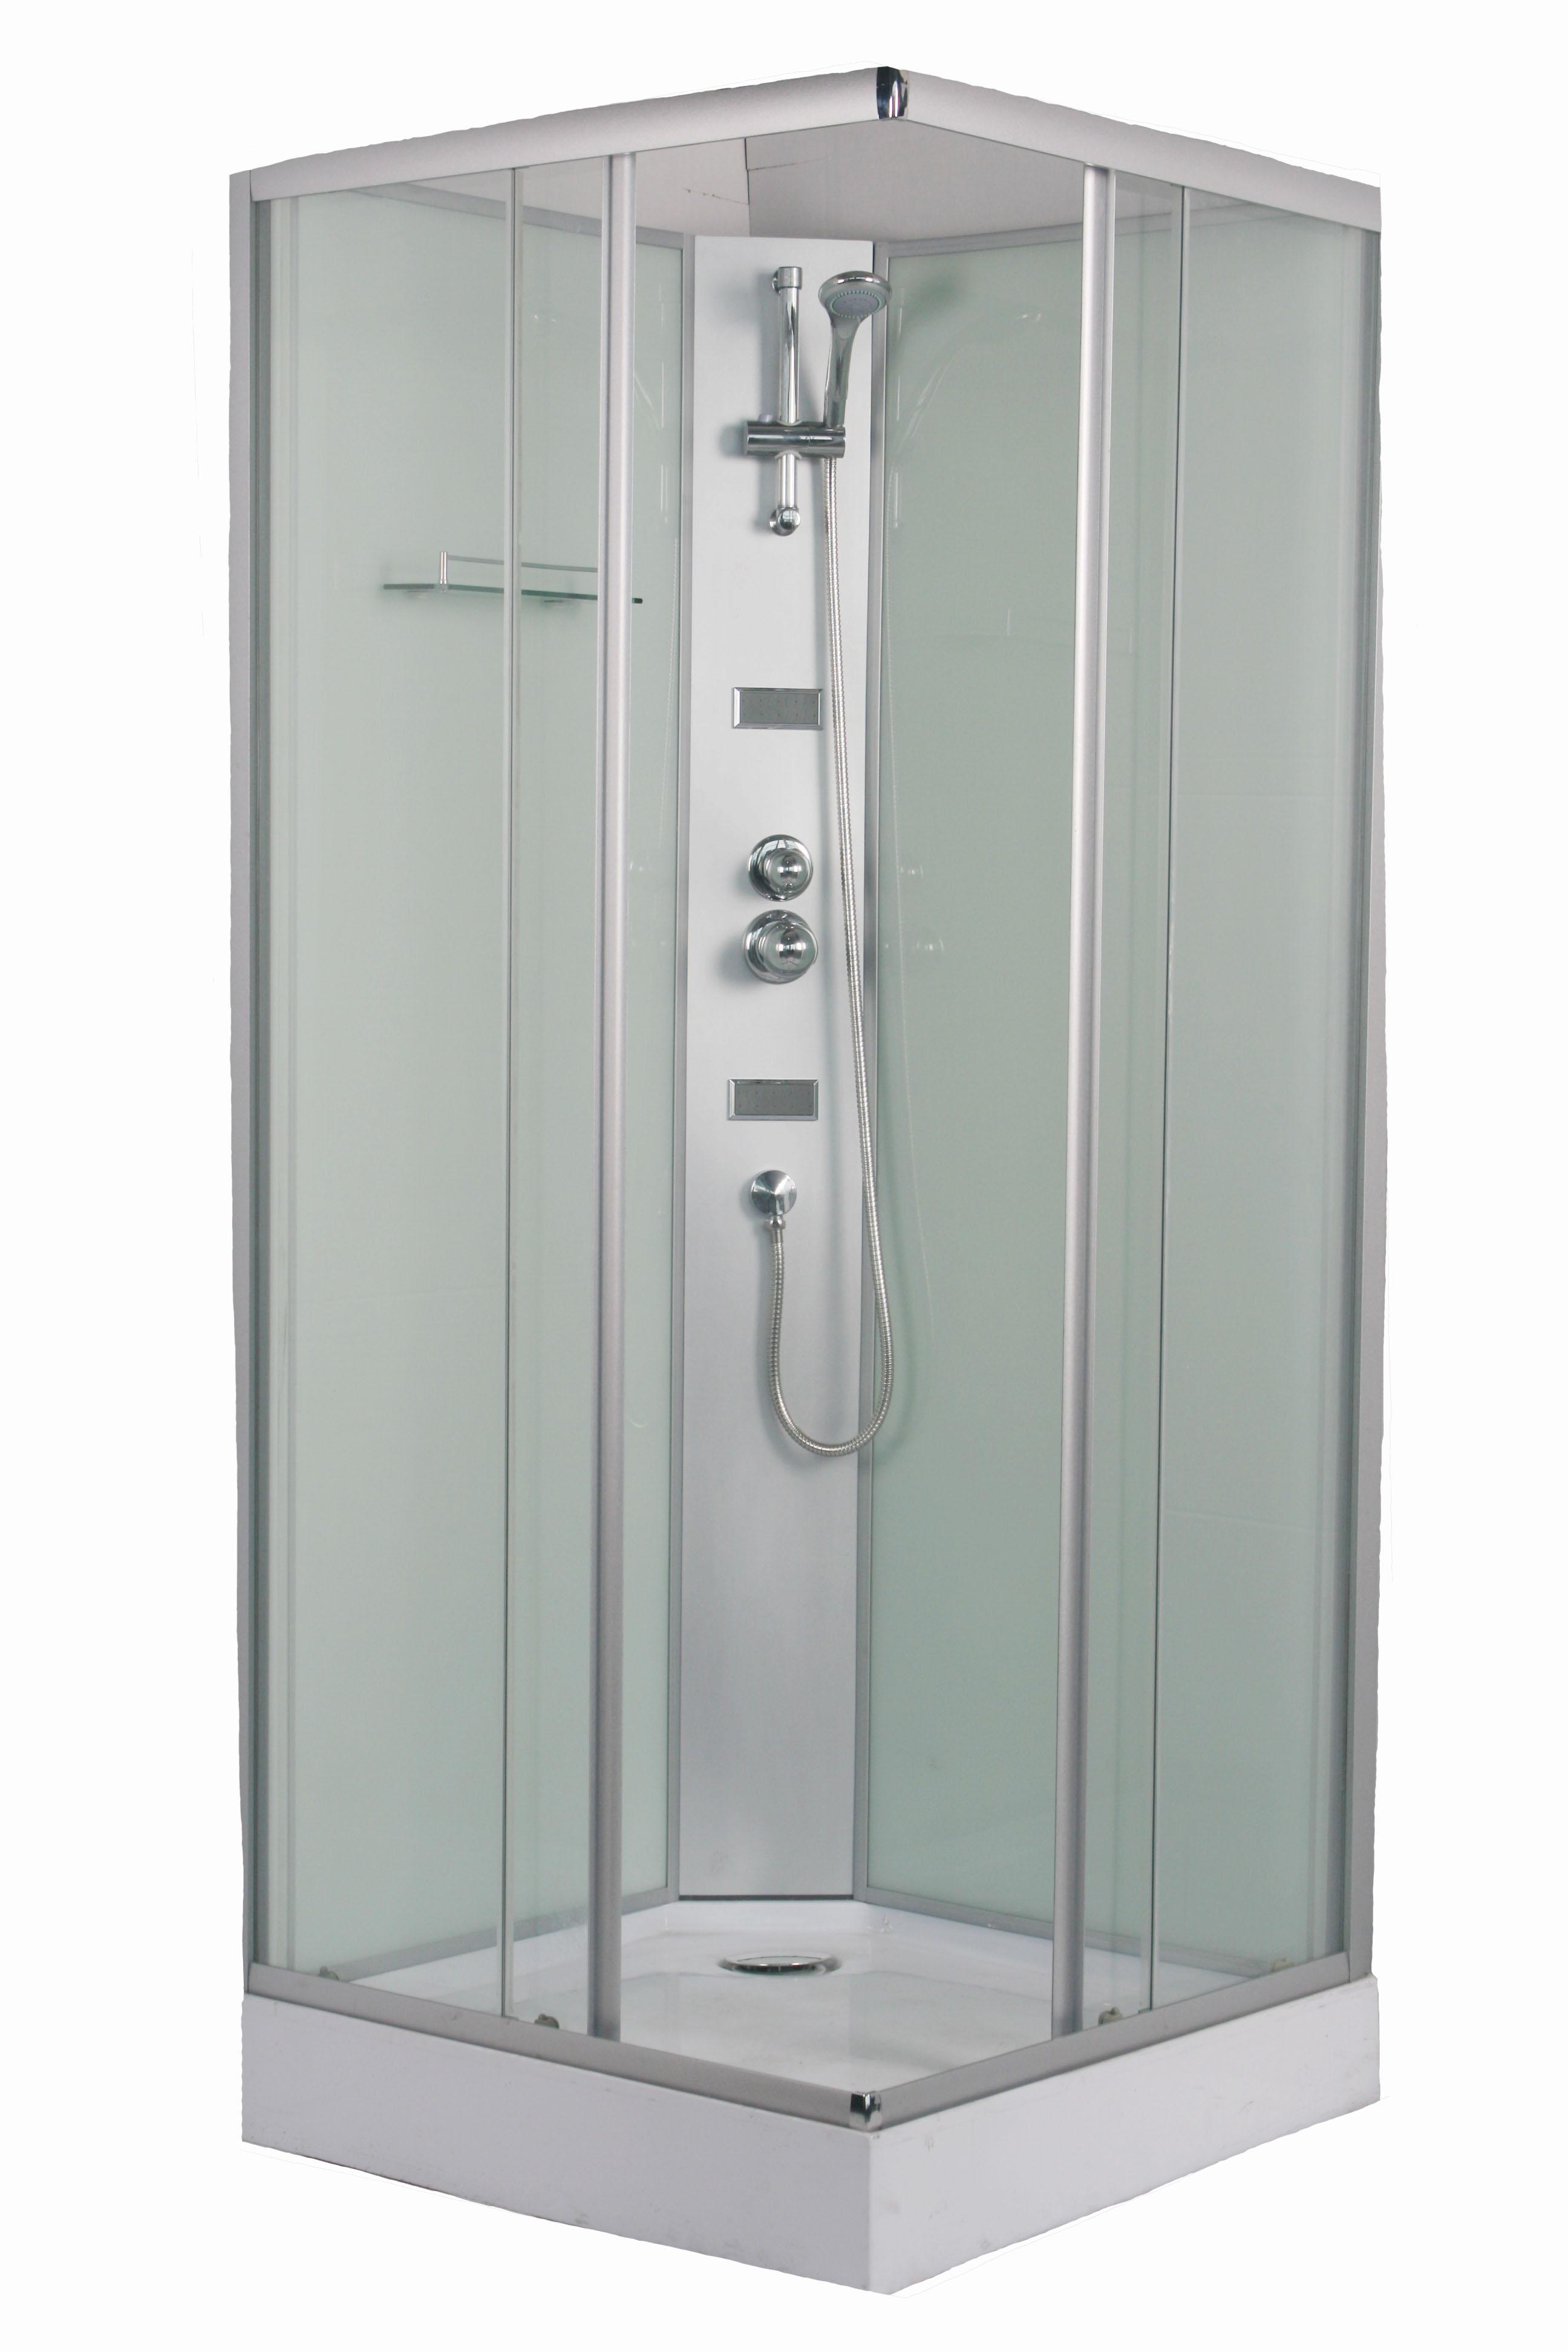 Cabinas de ducha rectangulares baratas cabina hidromasaje - Cabinas de ducha precios ...